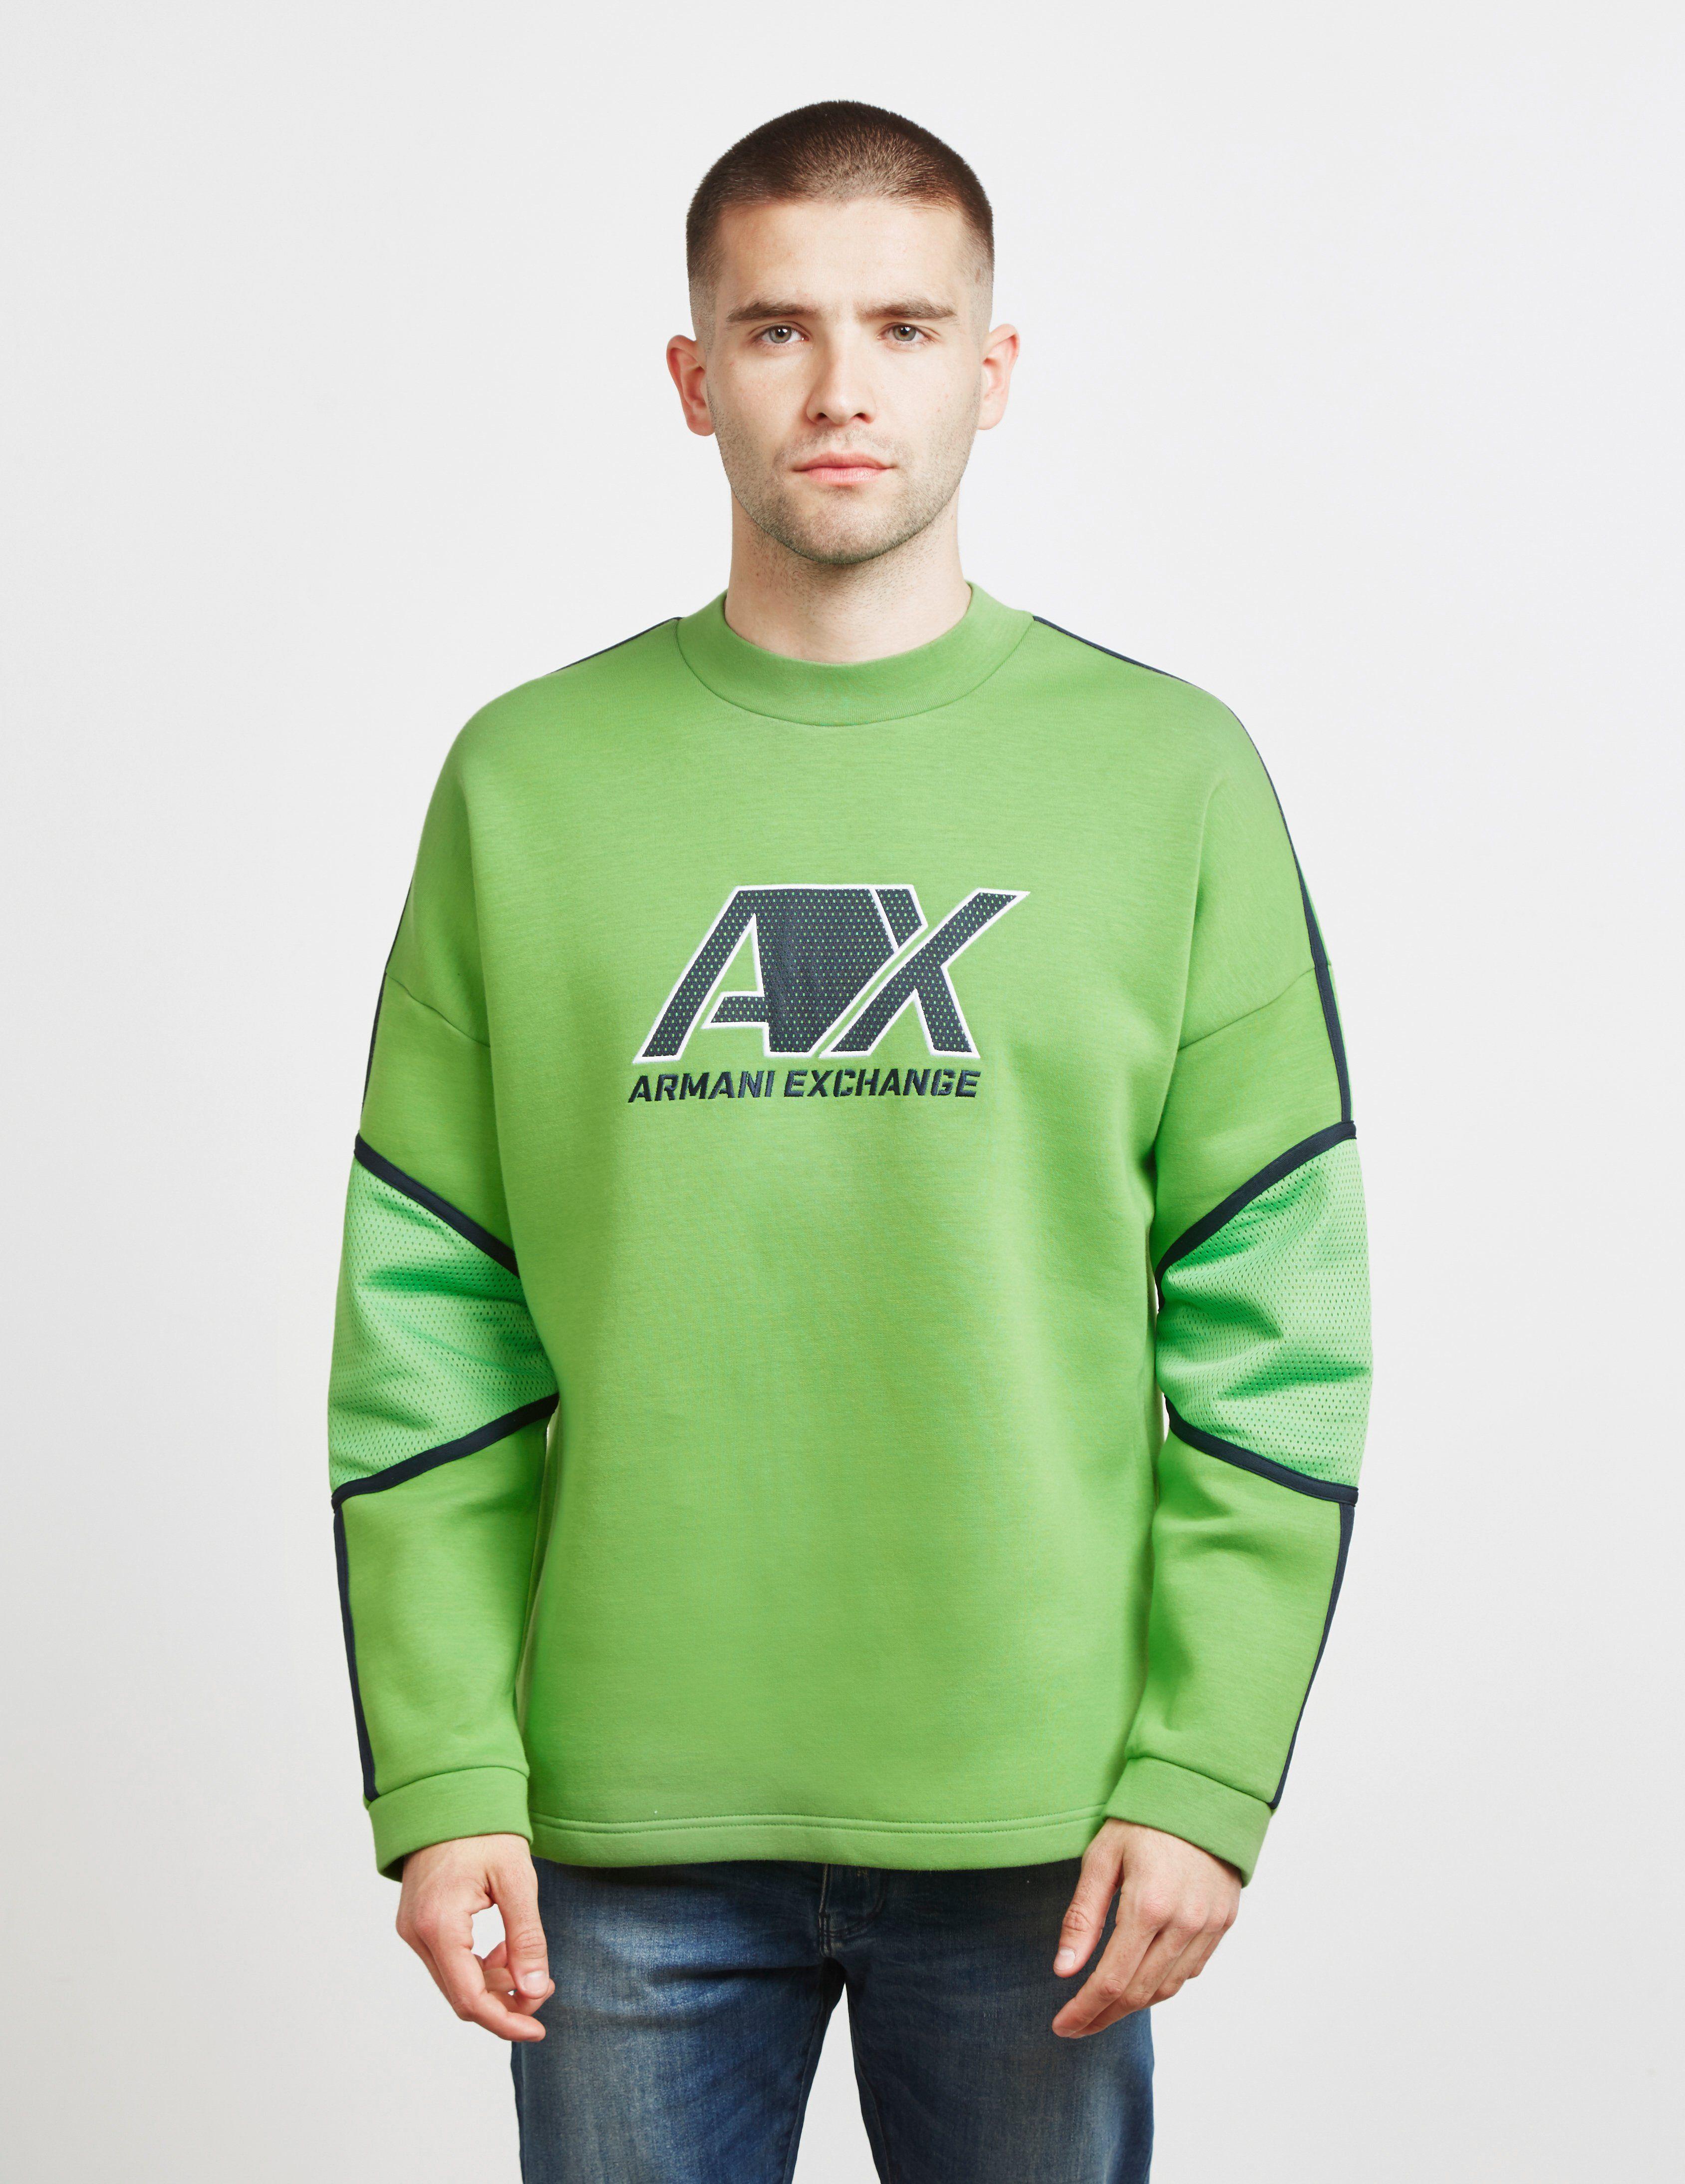 Armani Exchange Neoprene Mesh Sweatshirt